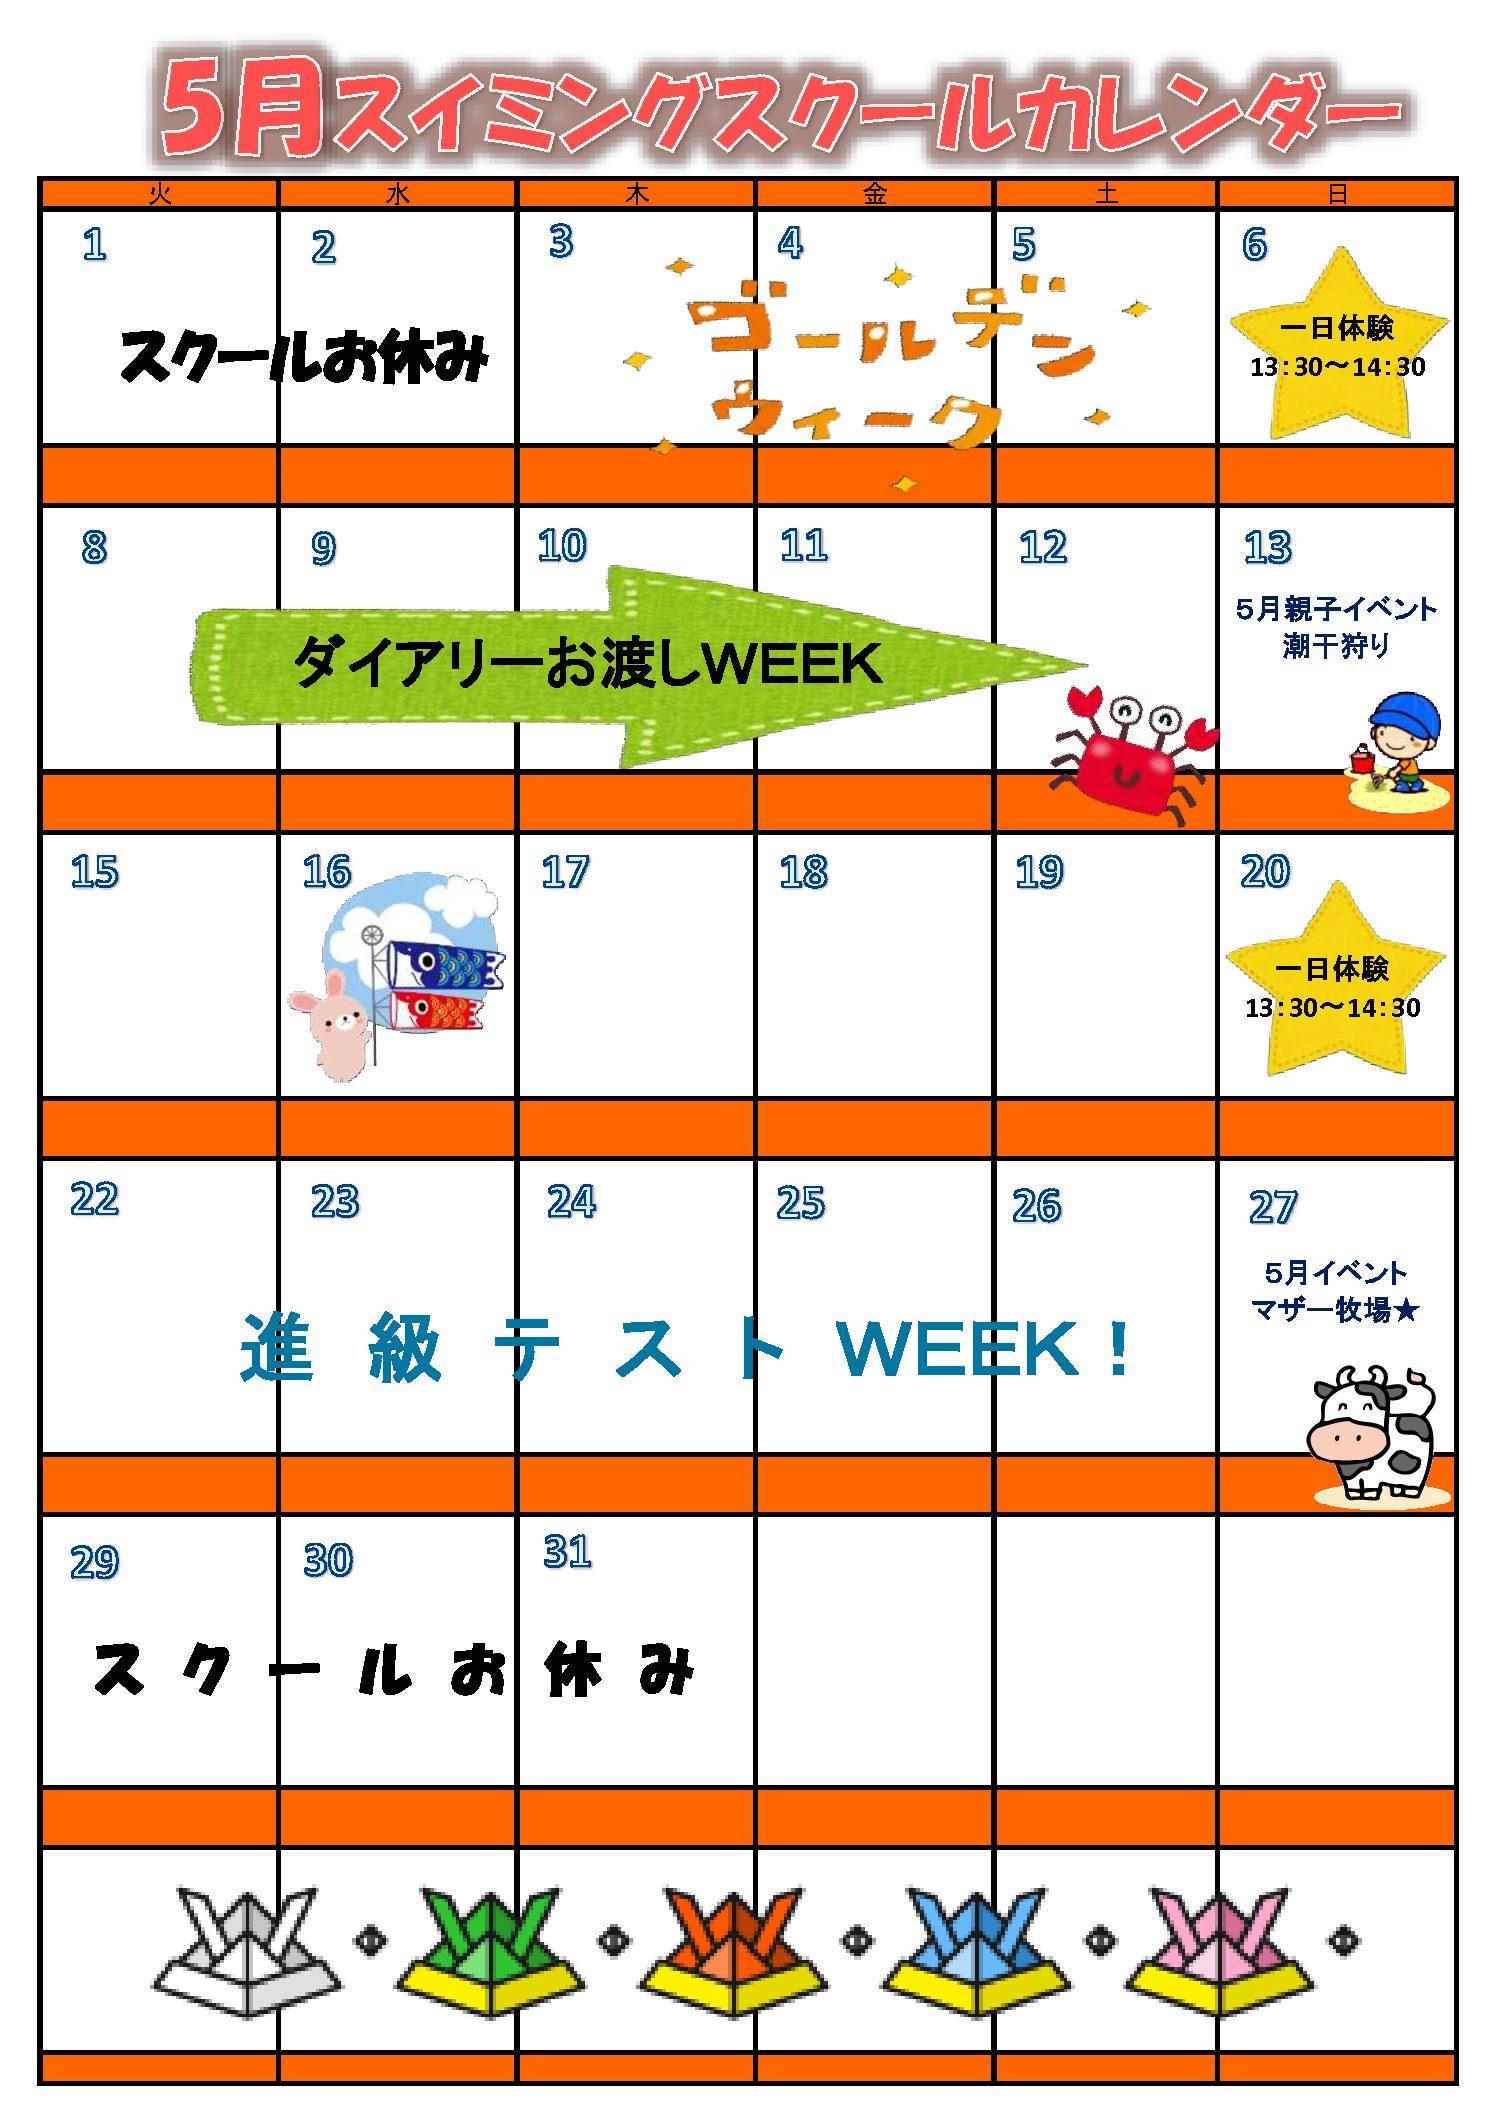 5月スイミングカレンダーについて!